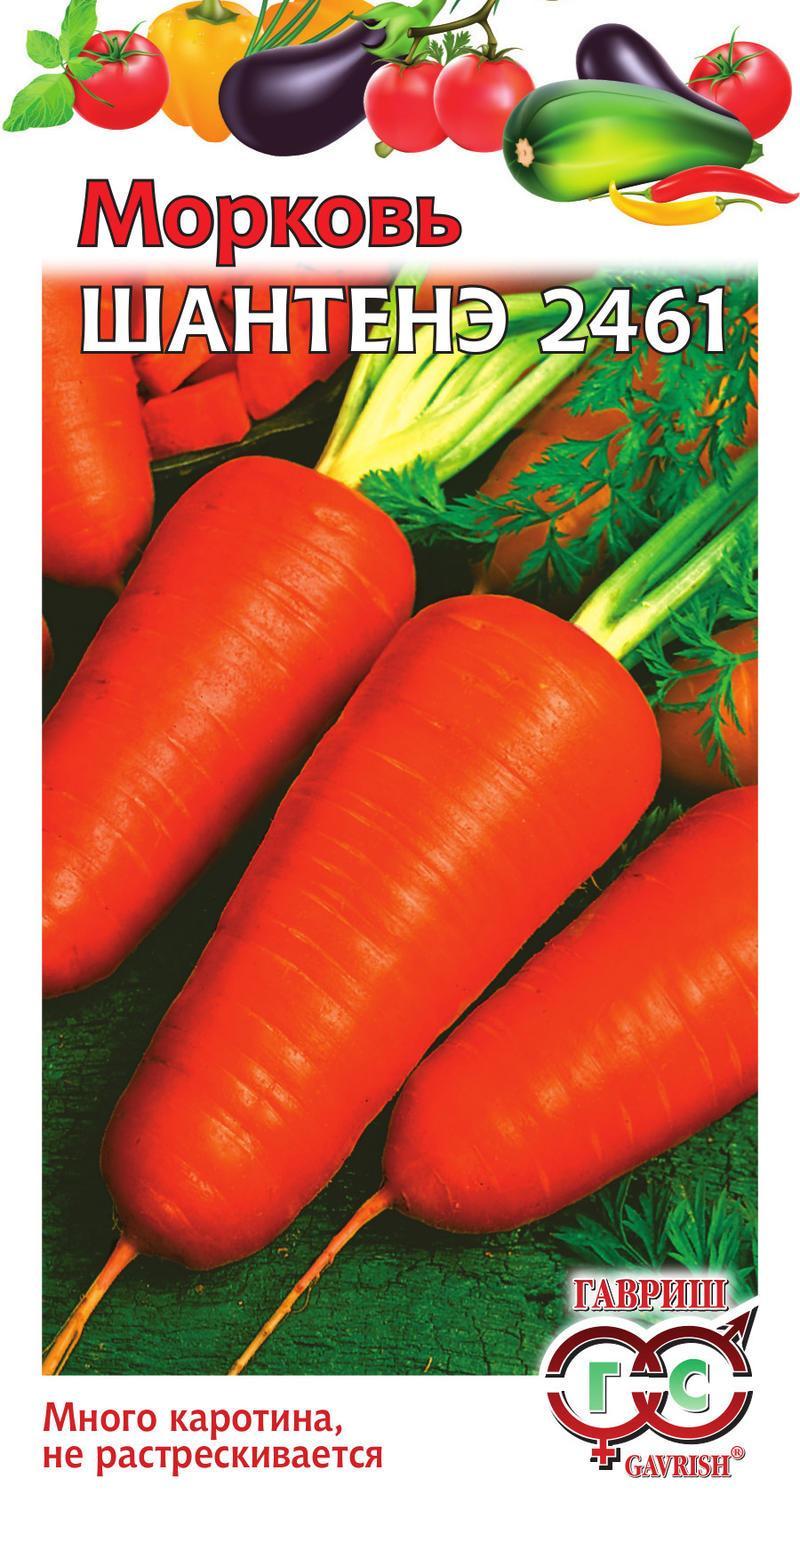 Голландские семена моркови